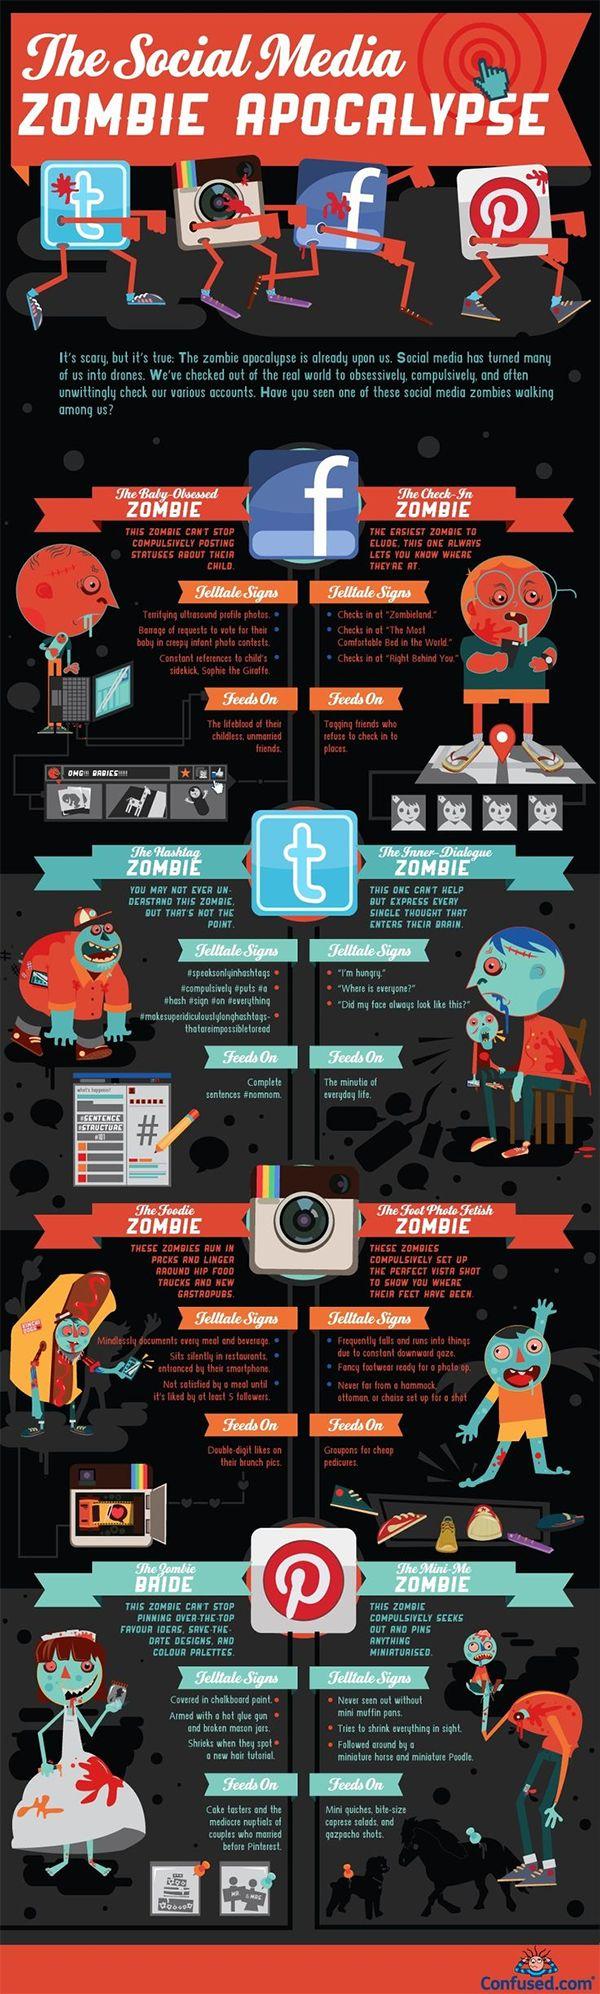 The Social Media Zombie Apocalypse